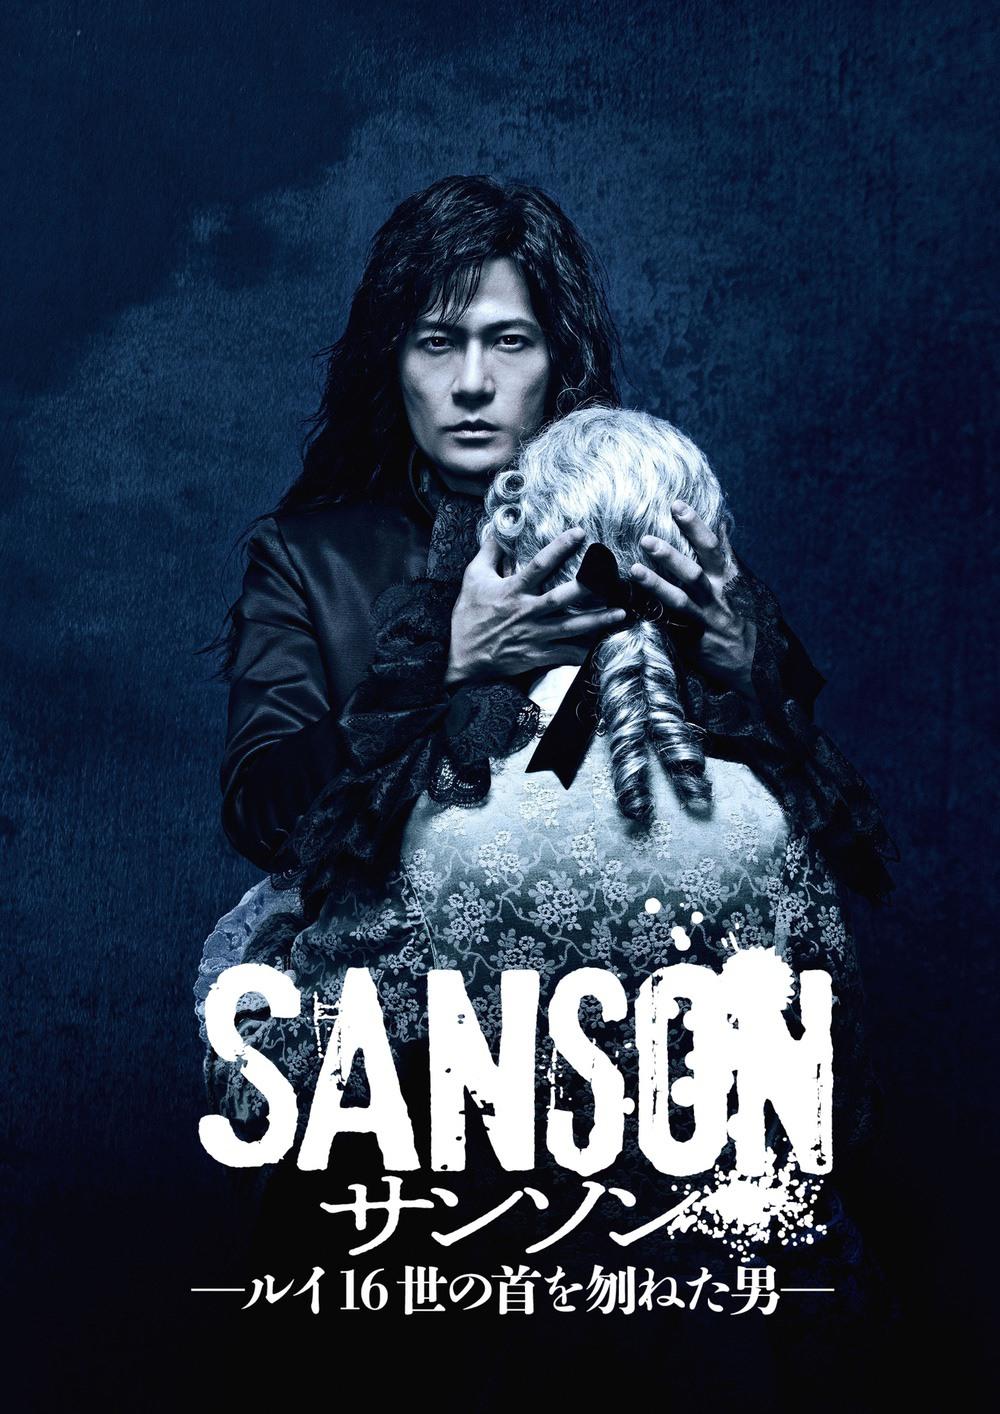 稲垣吾郎が久留米に!舞台「サンソン-ルイ16世の首を刎ねた男-」